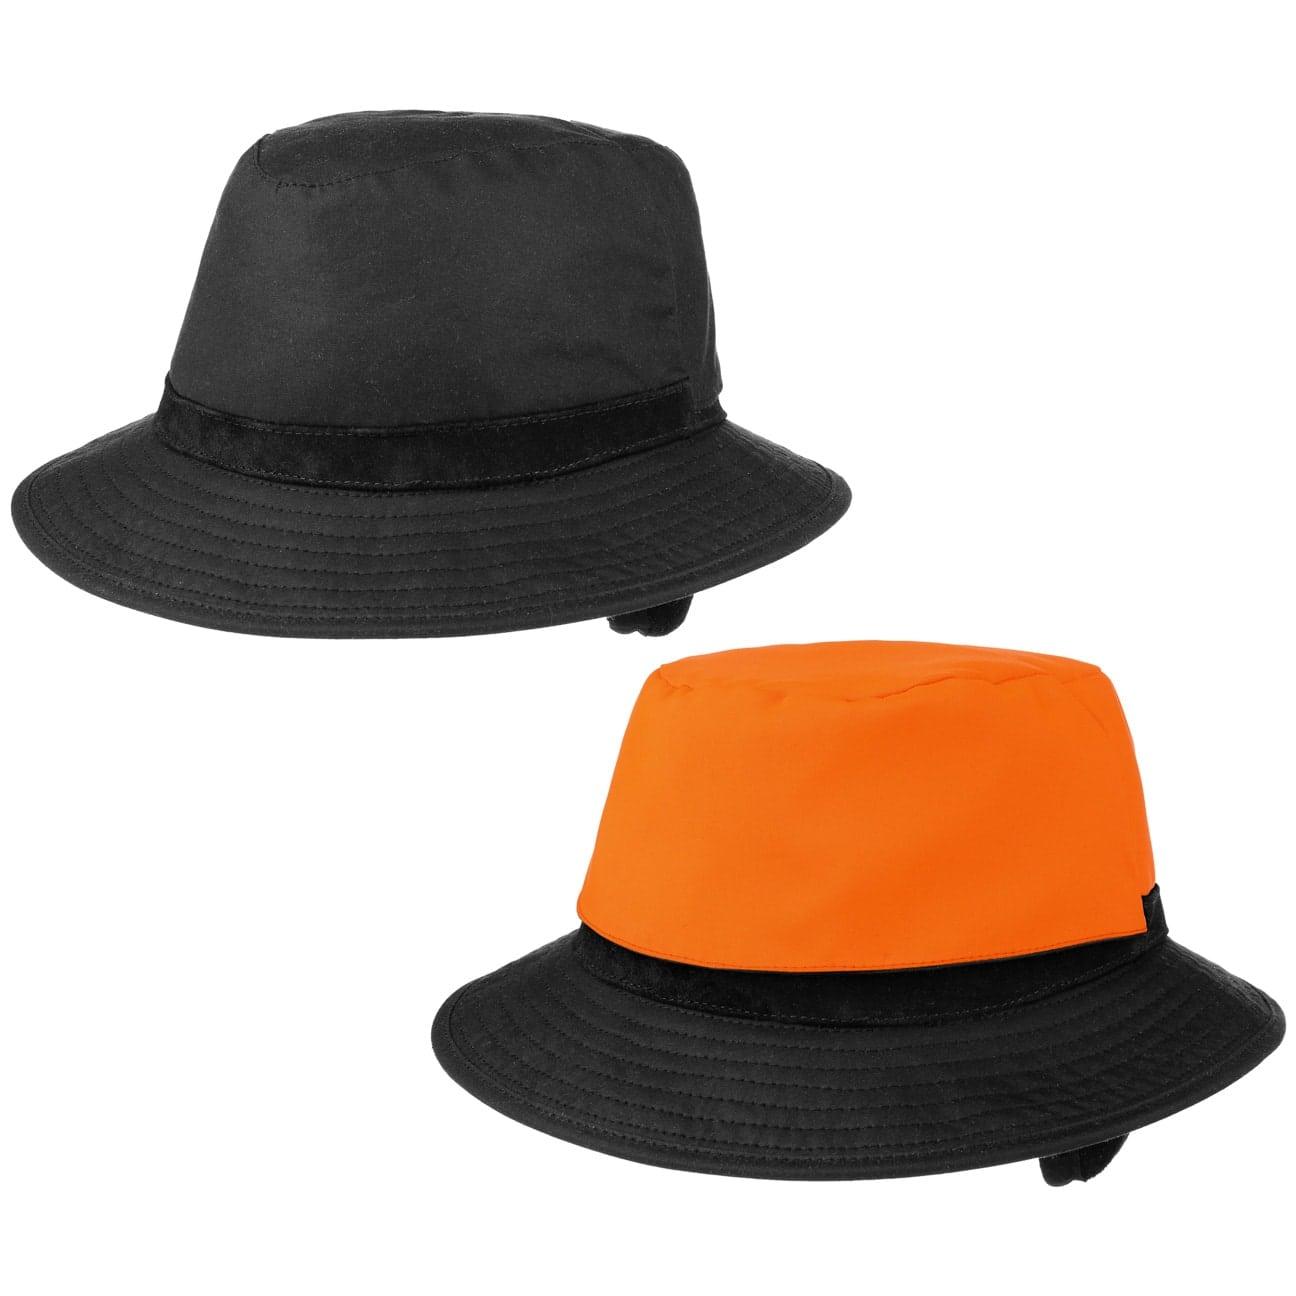 Sombrero 2 en 1 Waxed Cotton by Lierys  sombrero de pescador